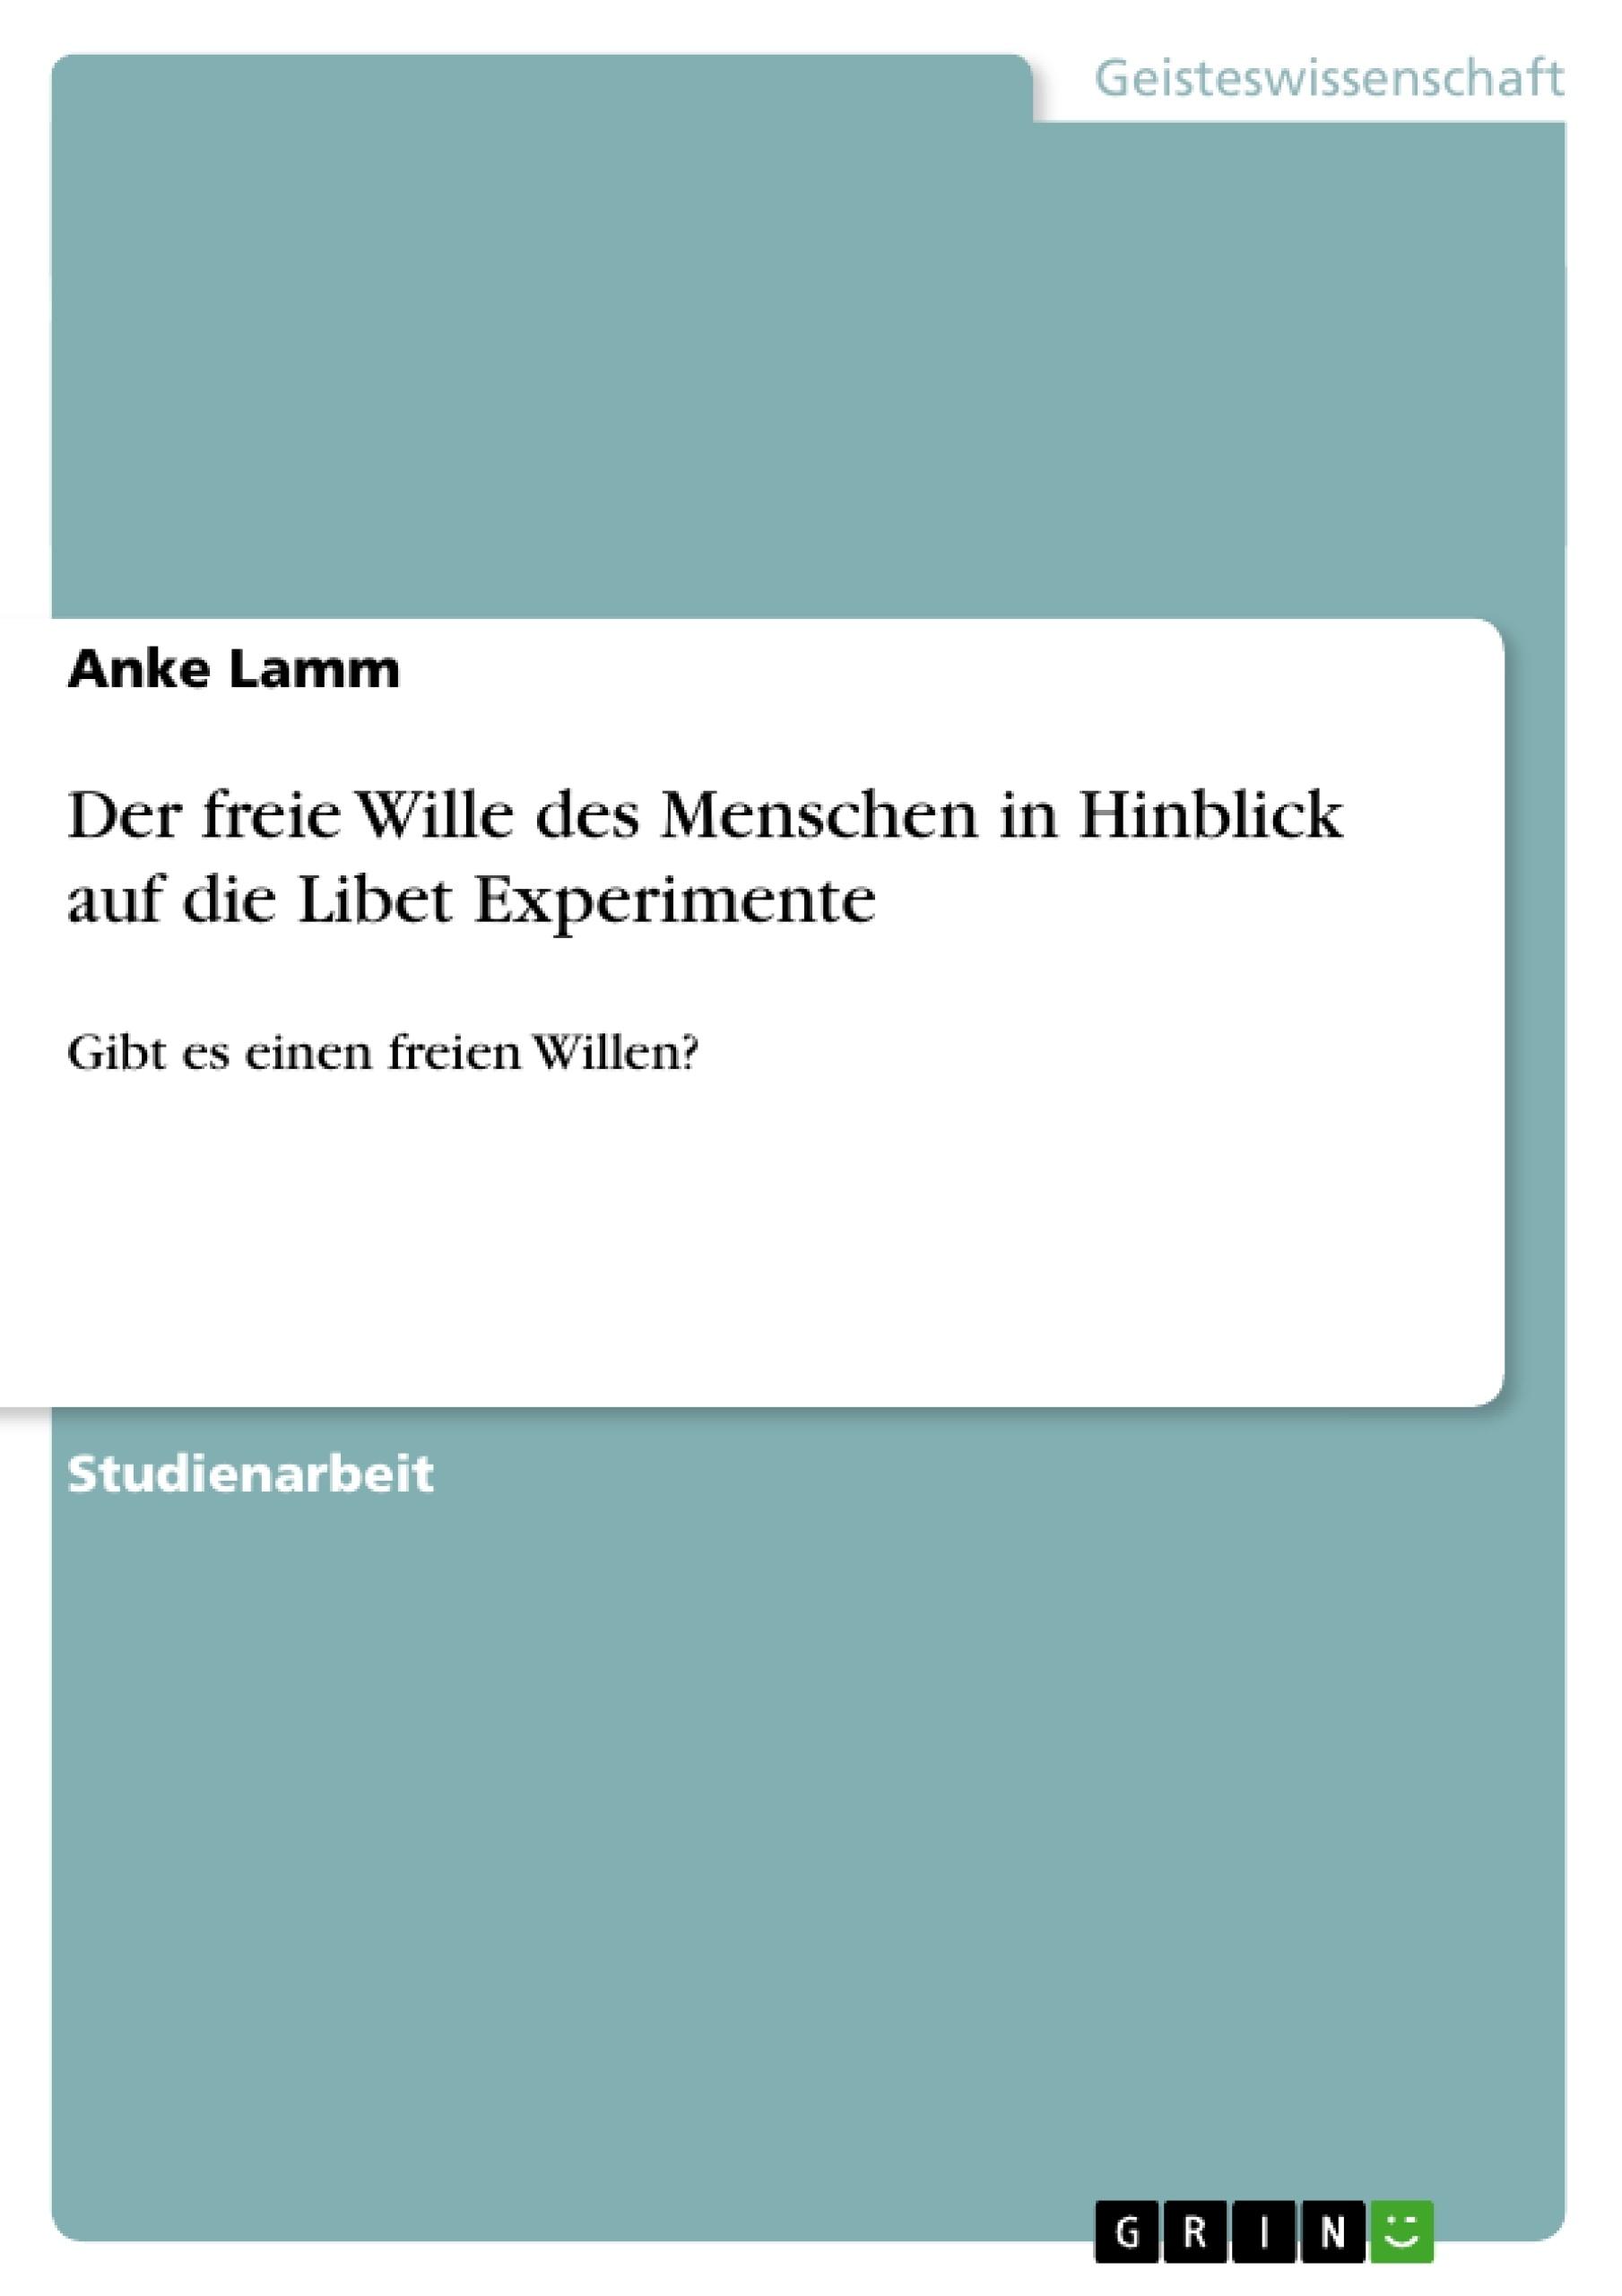 Titel: Der freie Wille des Menschen in Hinblick auf die Libet Experimente